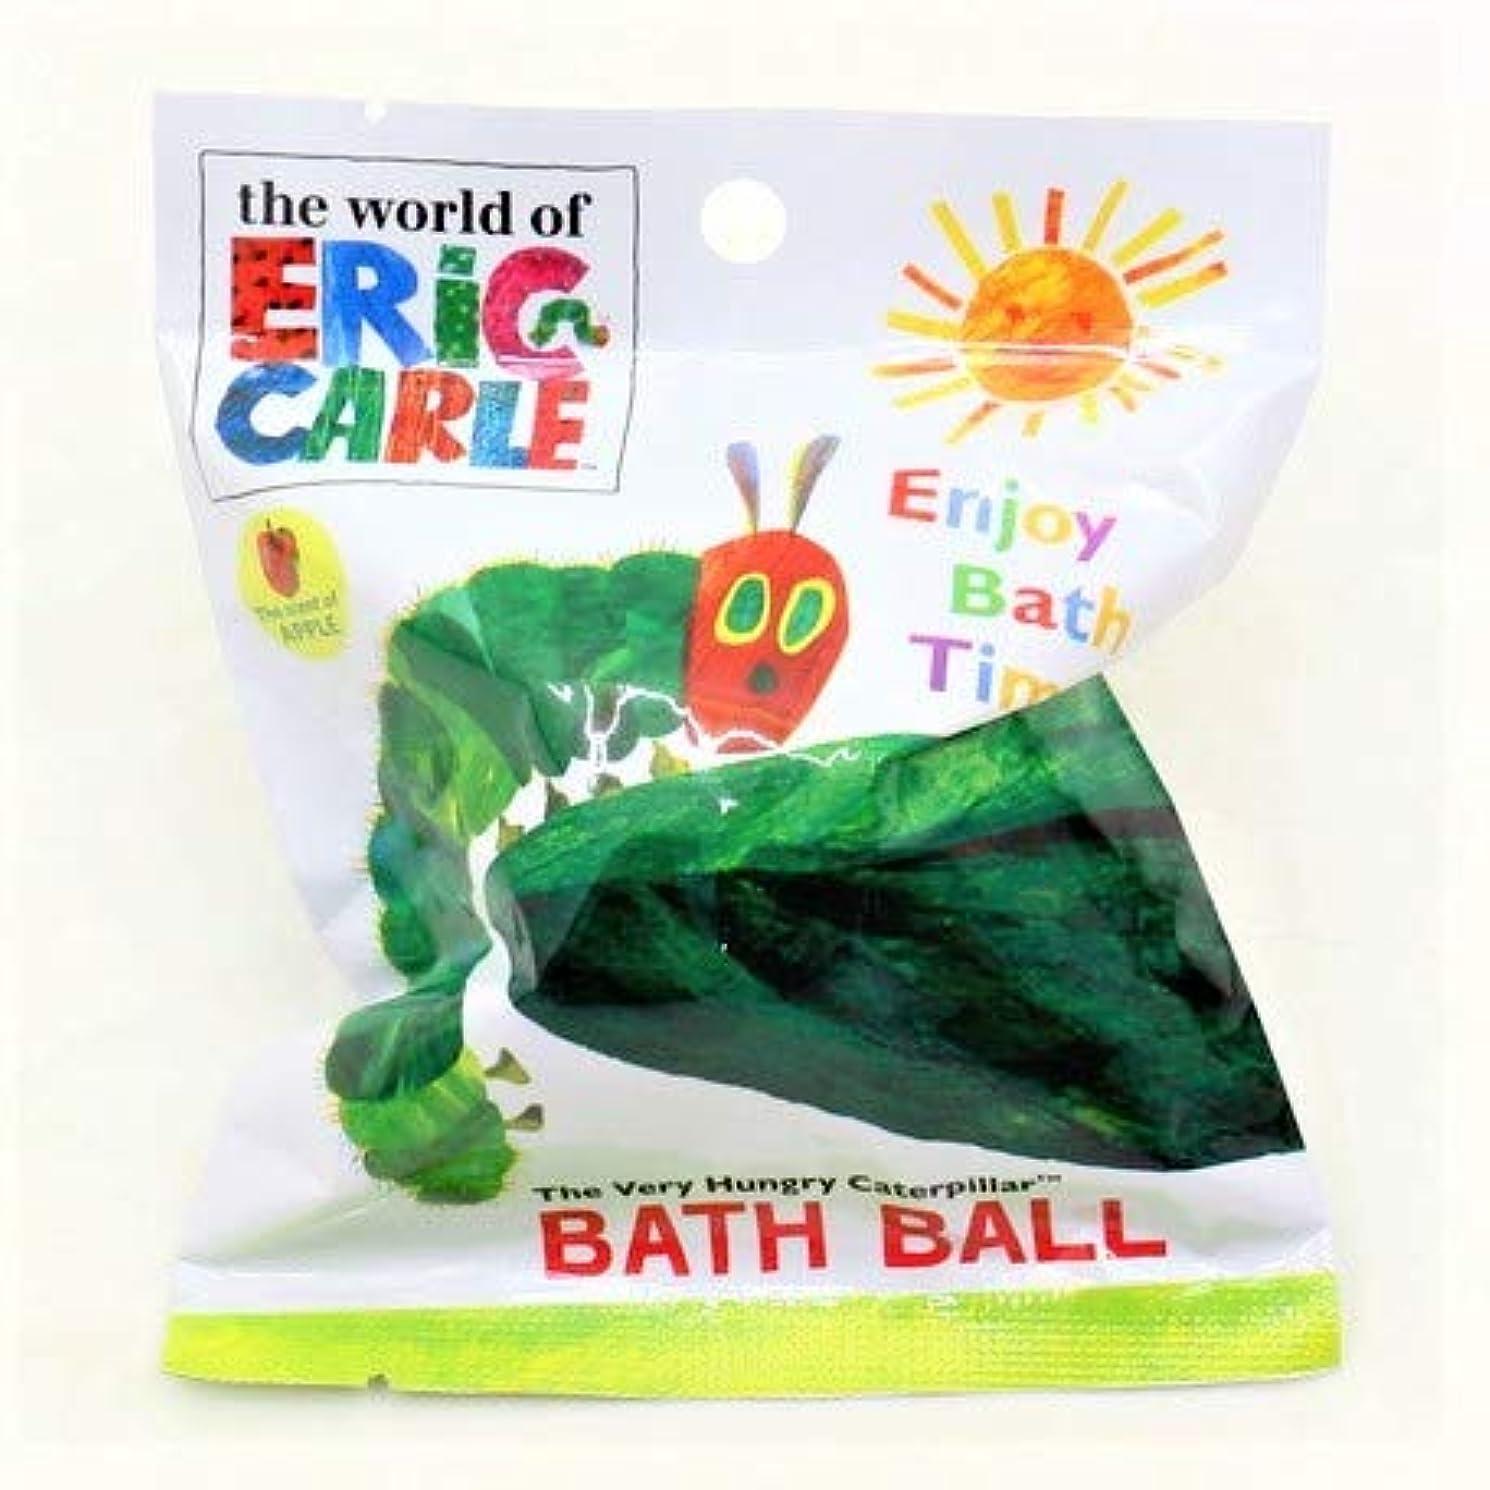 職業根拠十分はらぺこあおむし バスボール 入浴剤 りんごの香り 6個入1セット